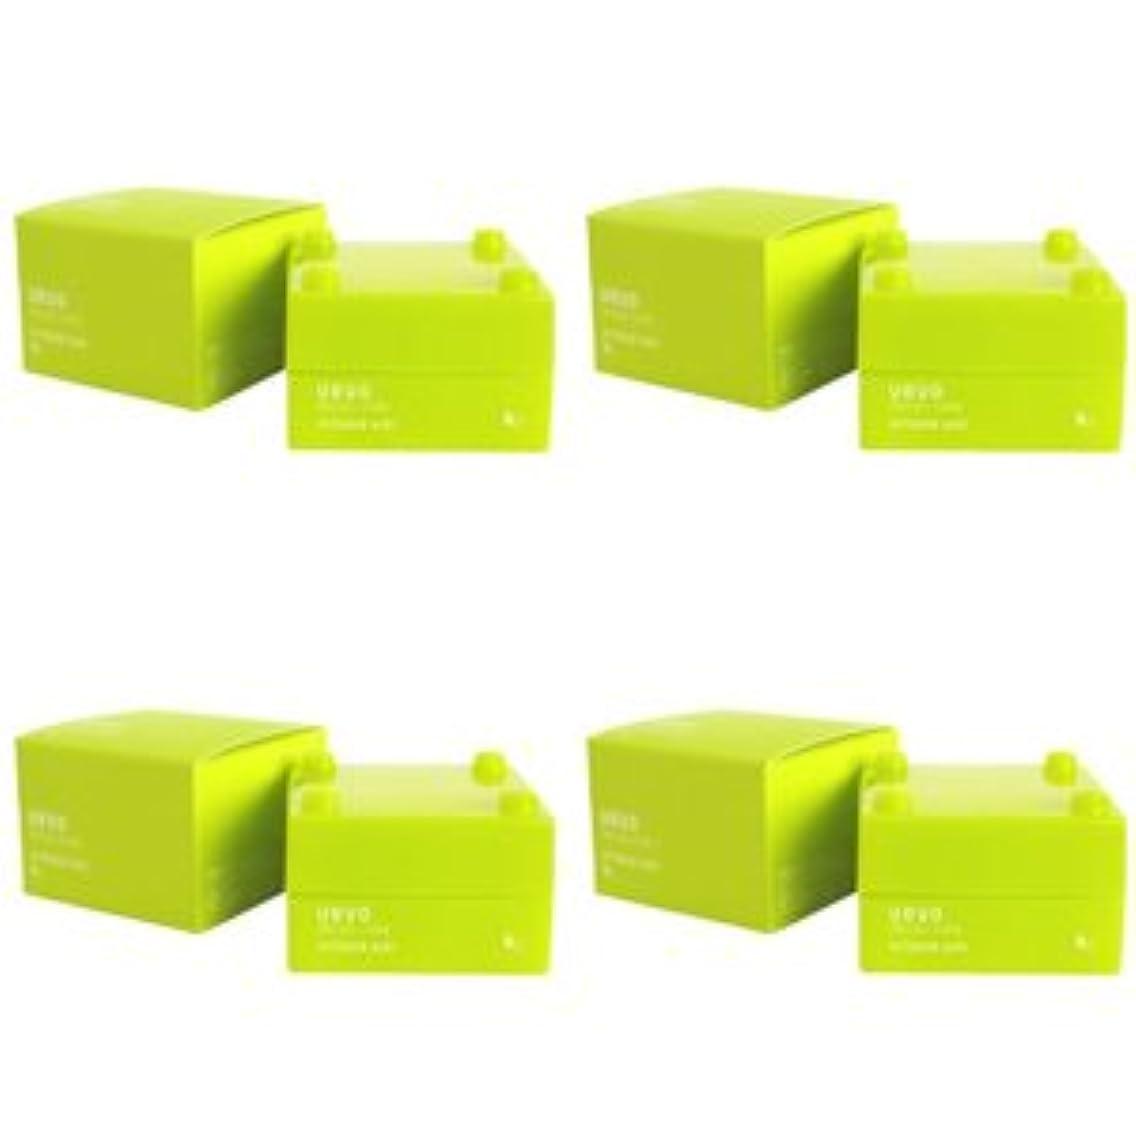 クラブ気質海嶺【X4個セット】 デミ ウェーボ デザインキューブ エアルーズワックス 30g airloose wax DEMI uevo design cube